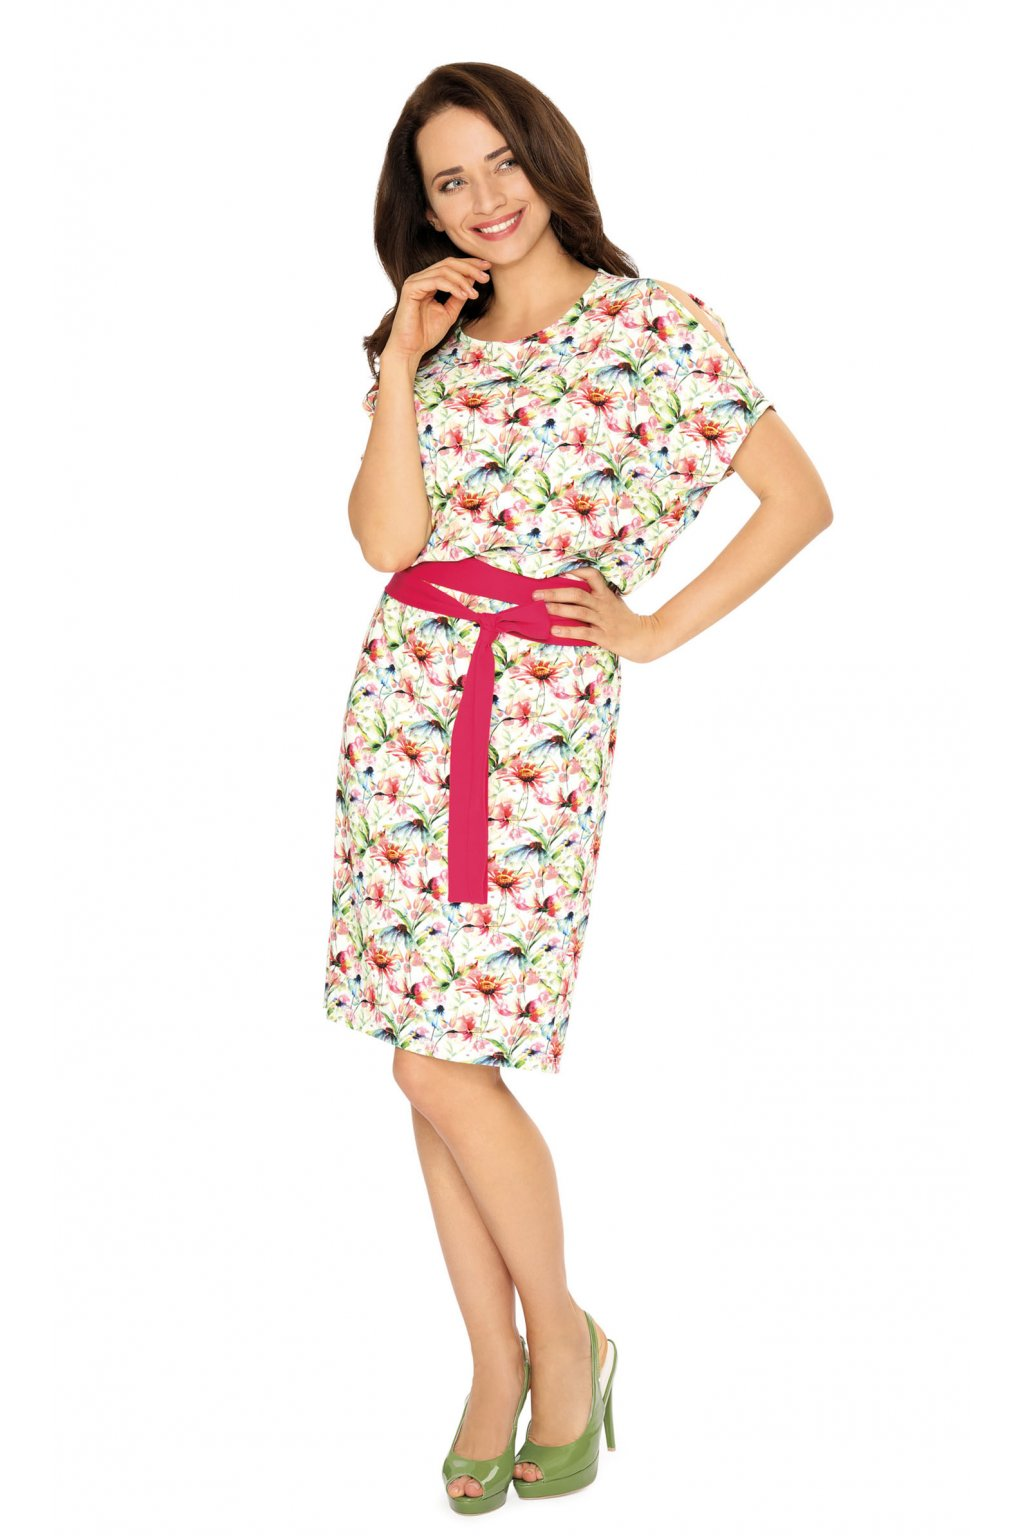 Dámské šaty s krátkým rukávem, 105126 221, červená